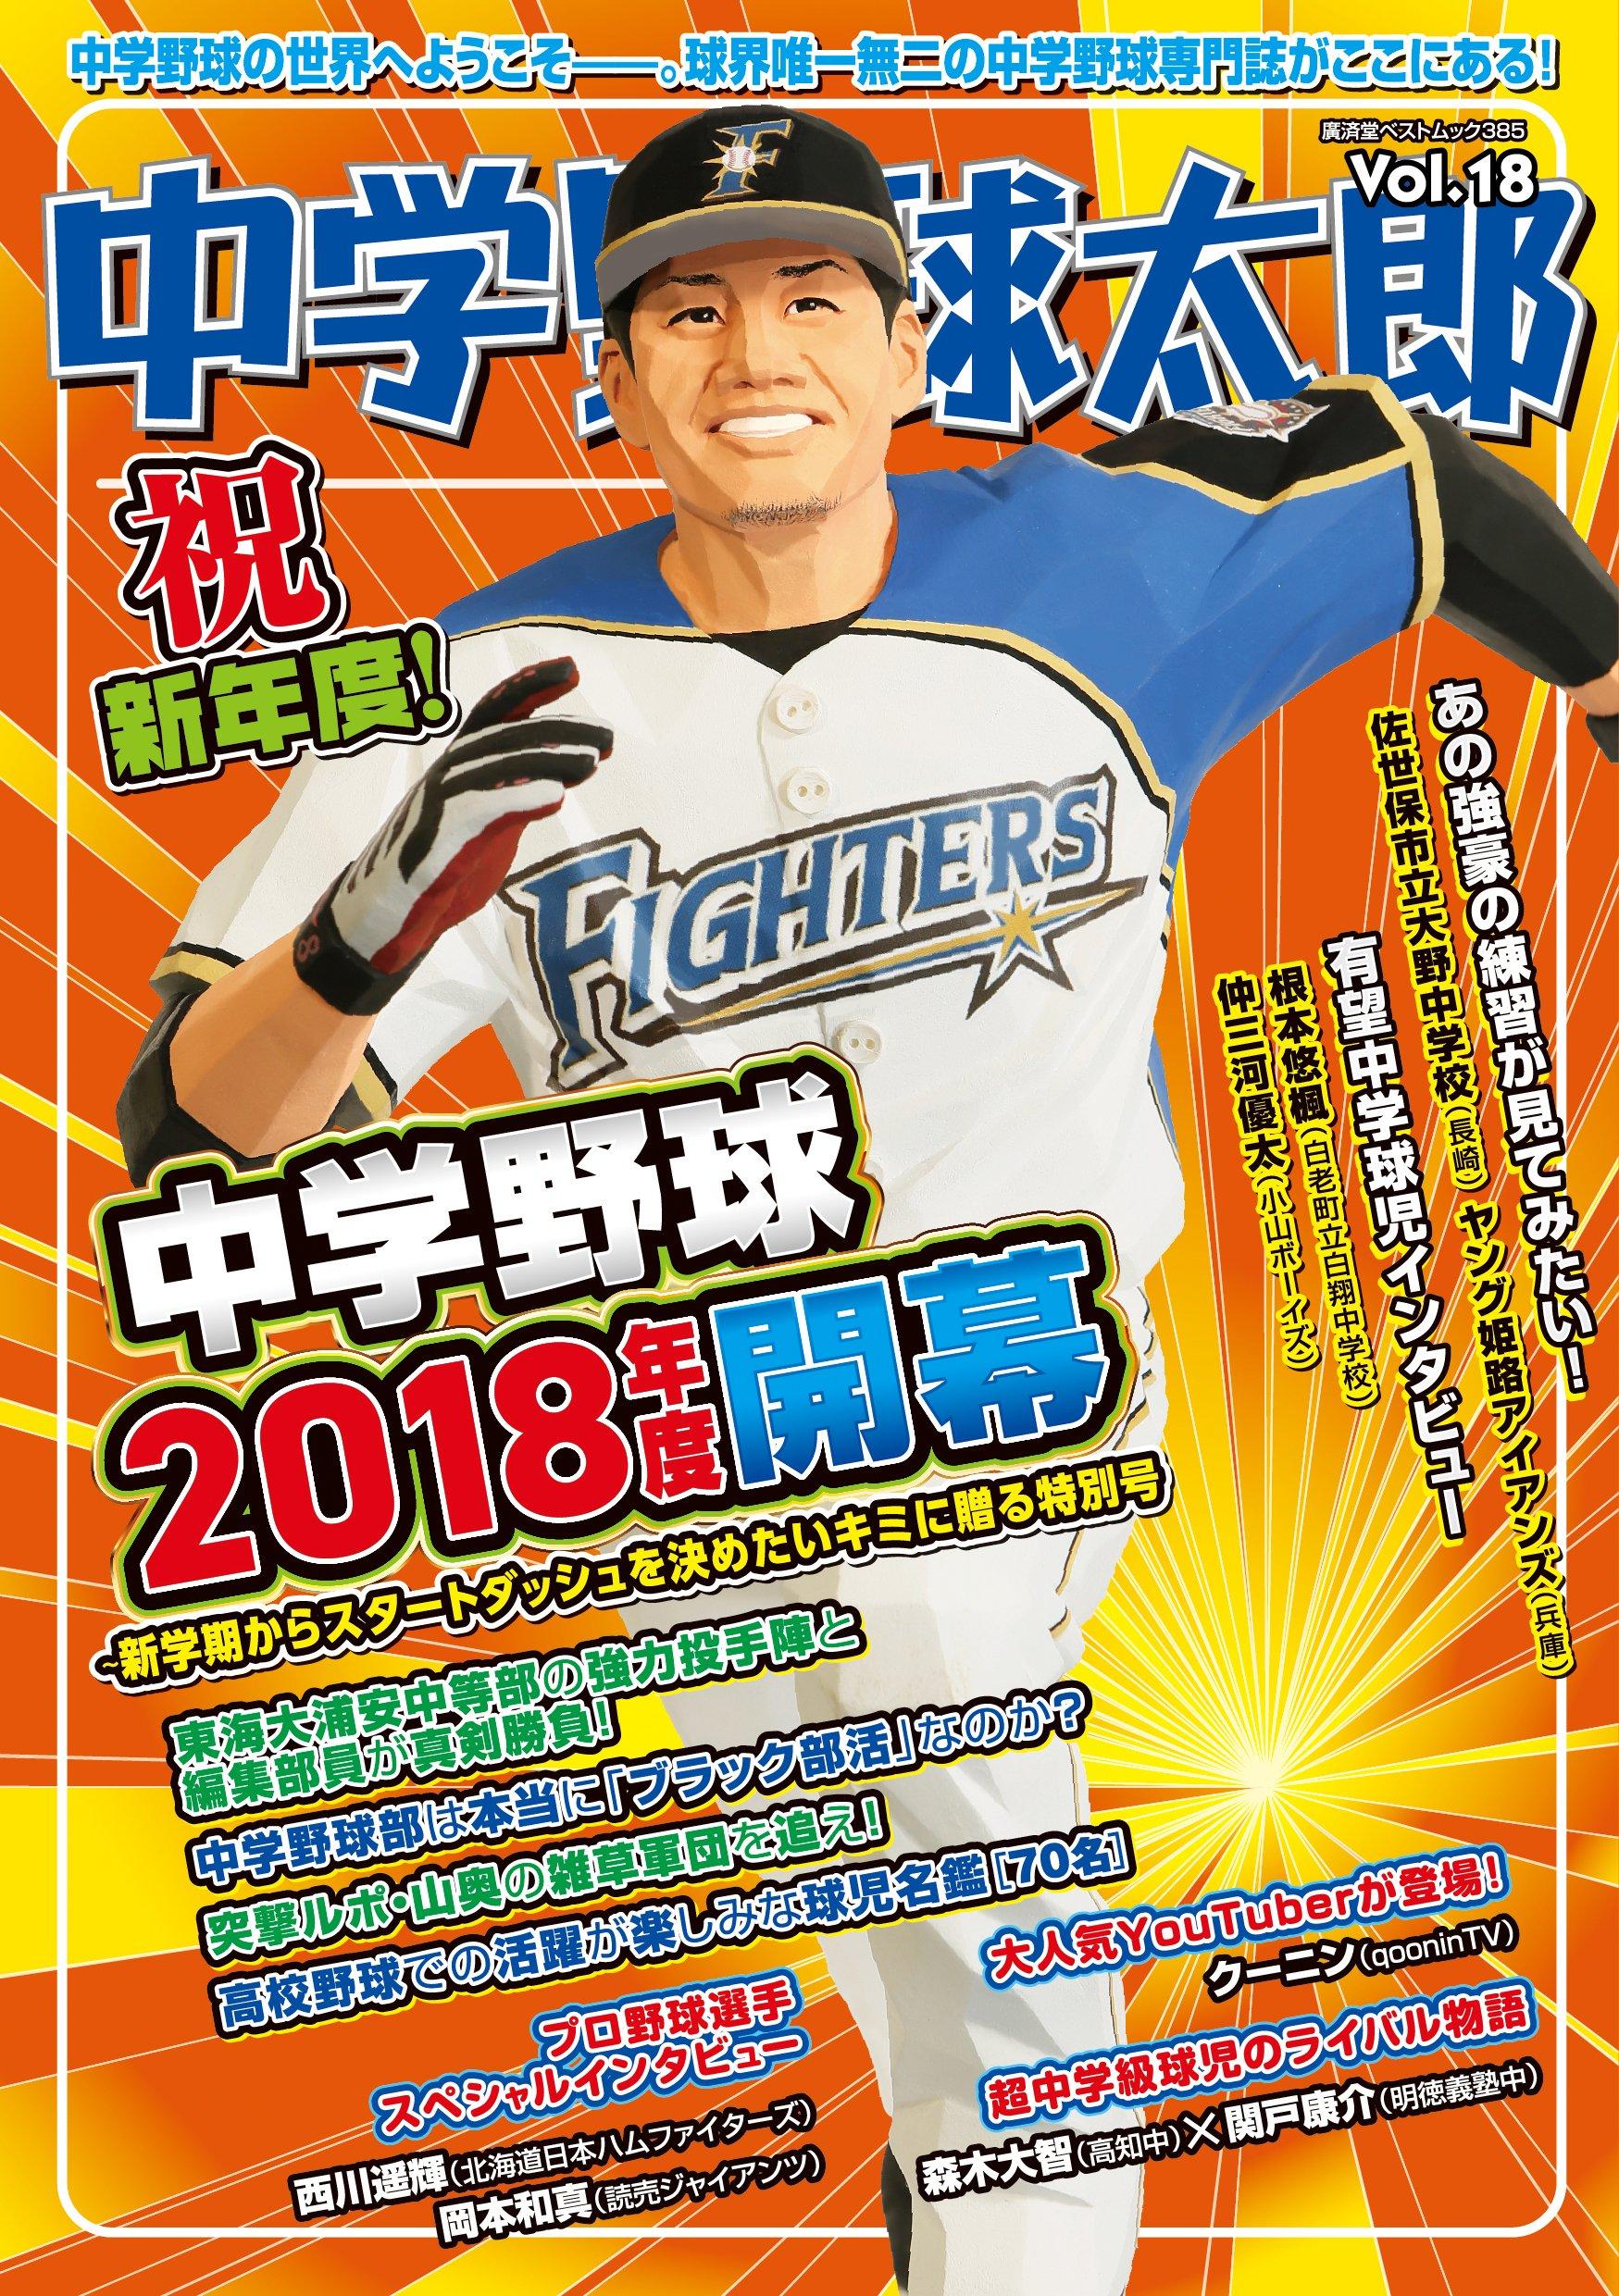 『中学野球太郎 VOL.18』立ち読みでき〼マス!